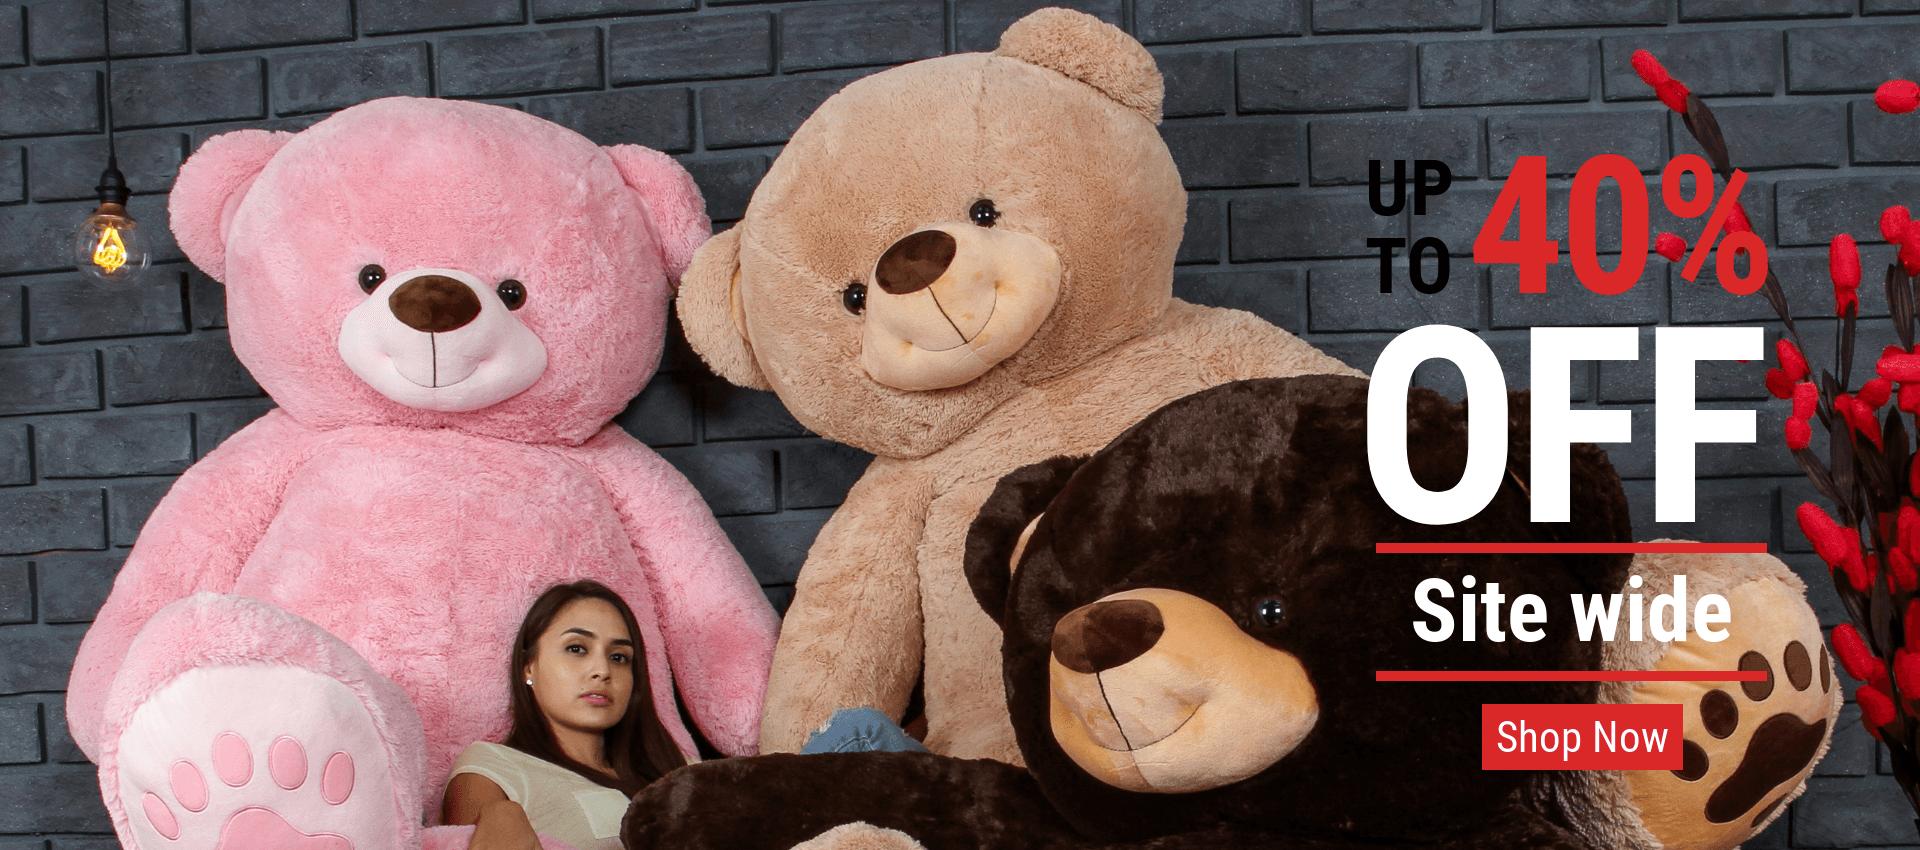 755d6fc5bd2 Giant Teddy Bear